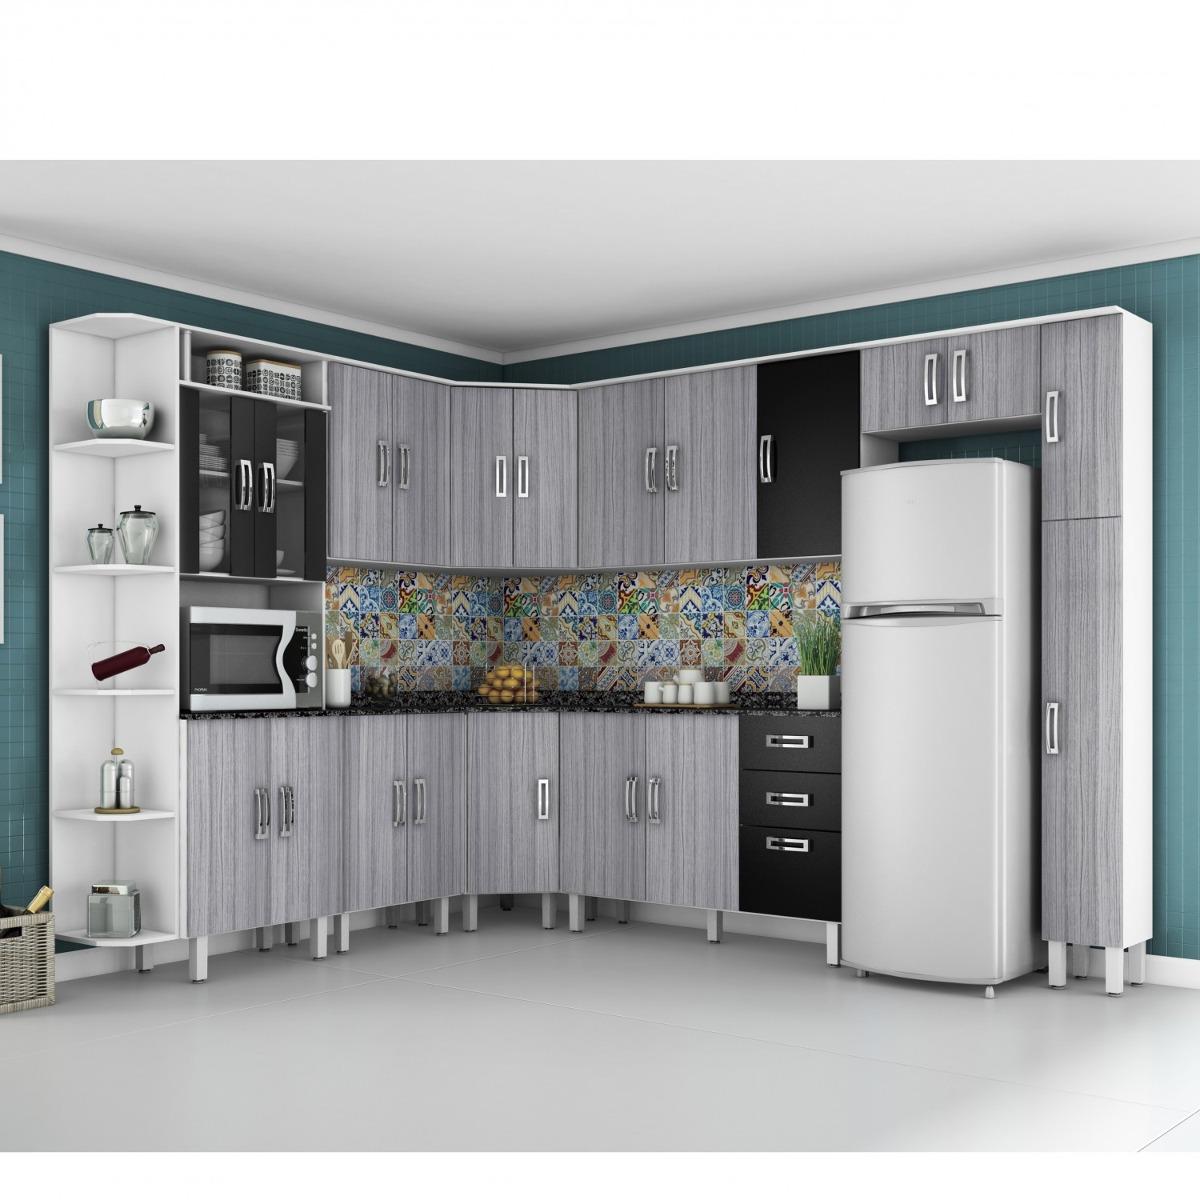 Cozinha Completa Casas Bahia Promo O Oppenau Info